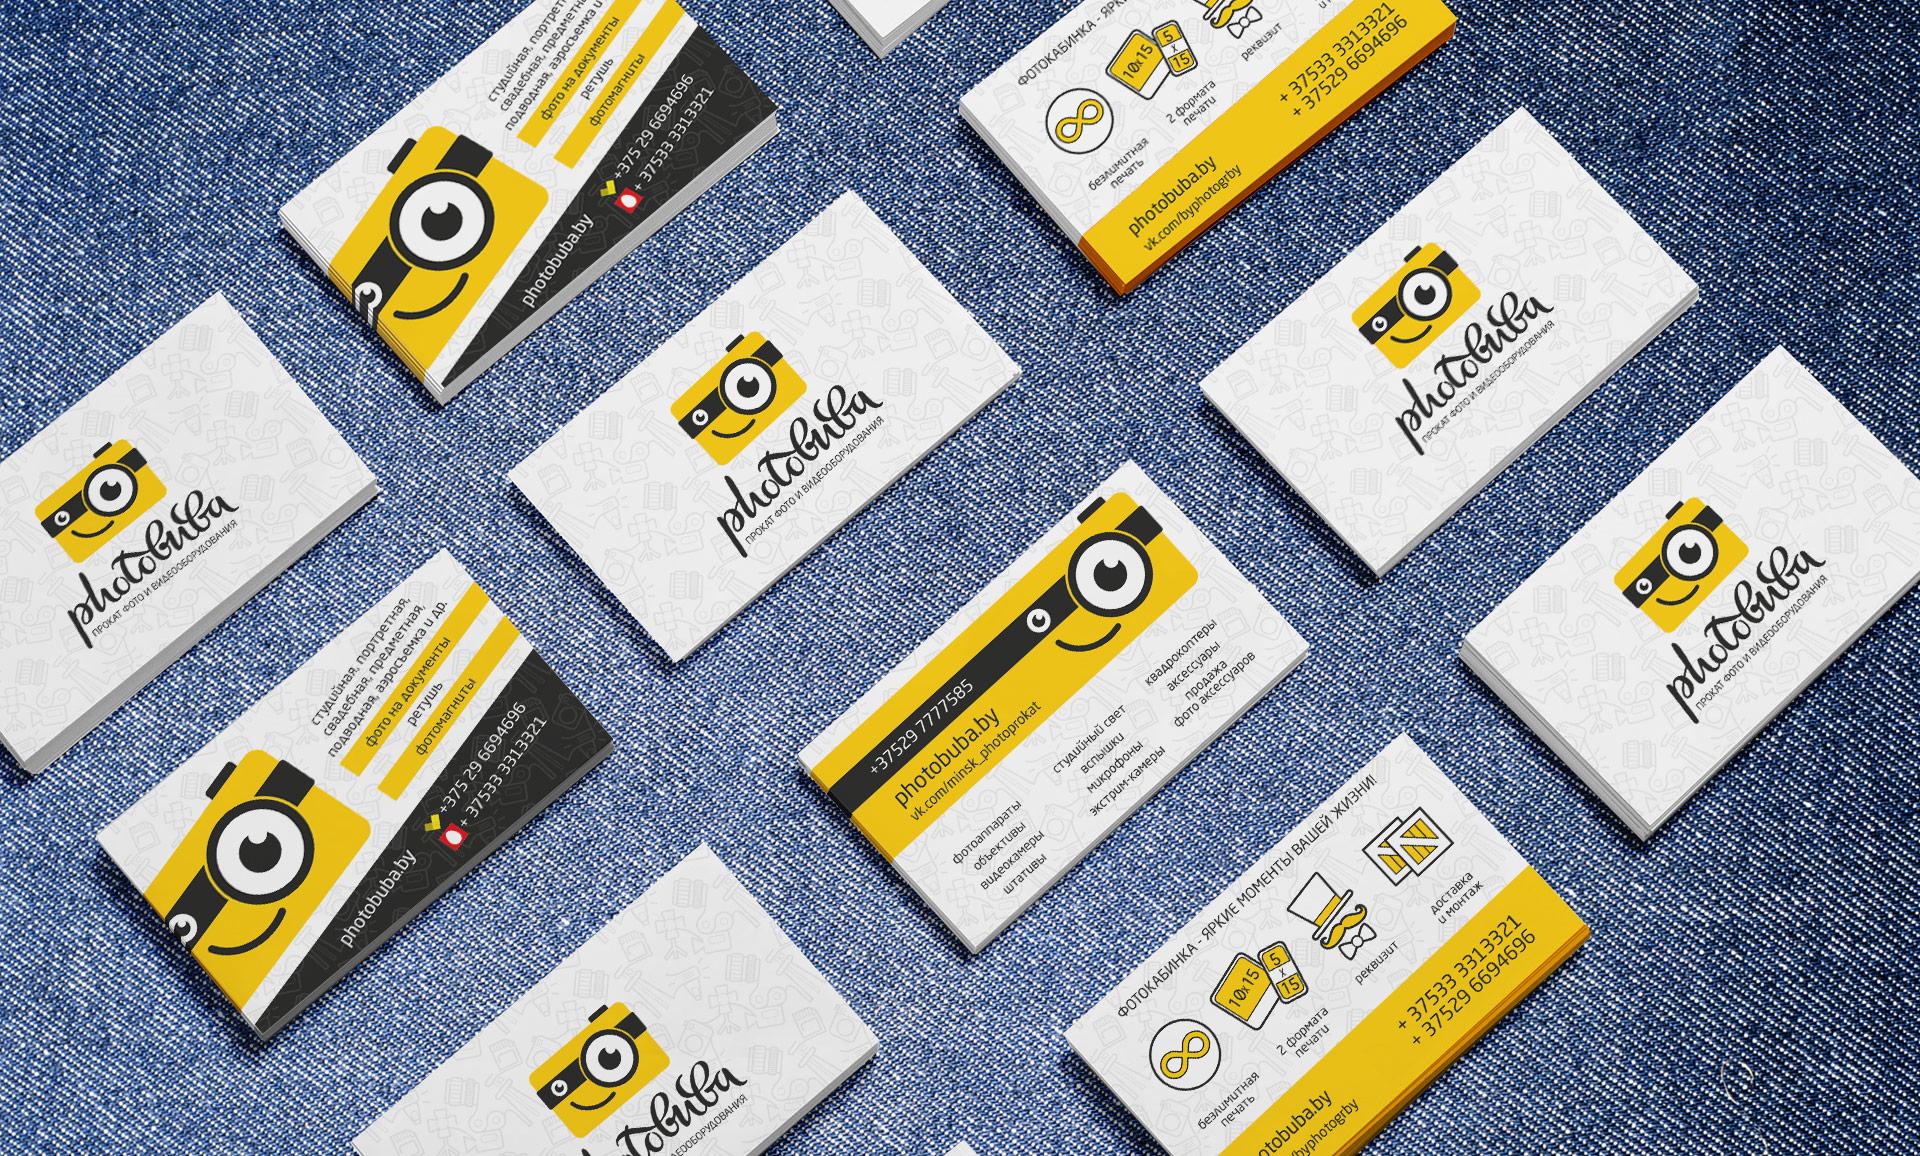 Photobuba-разработка-фирменного-стиля-проката-профессионального-фото-и-видео-оборудования